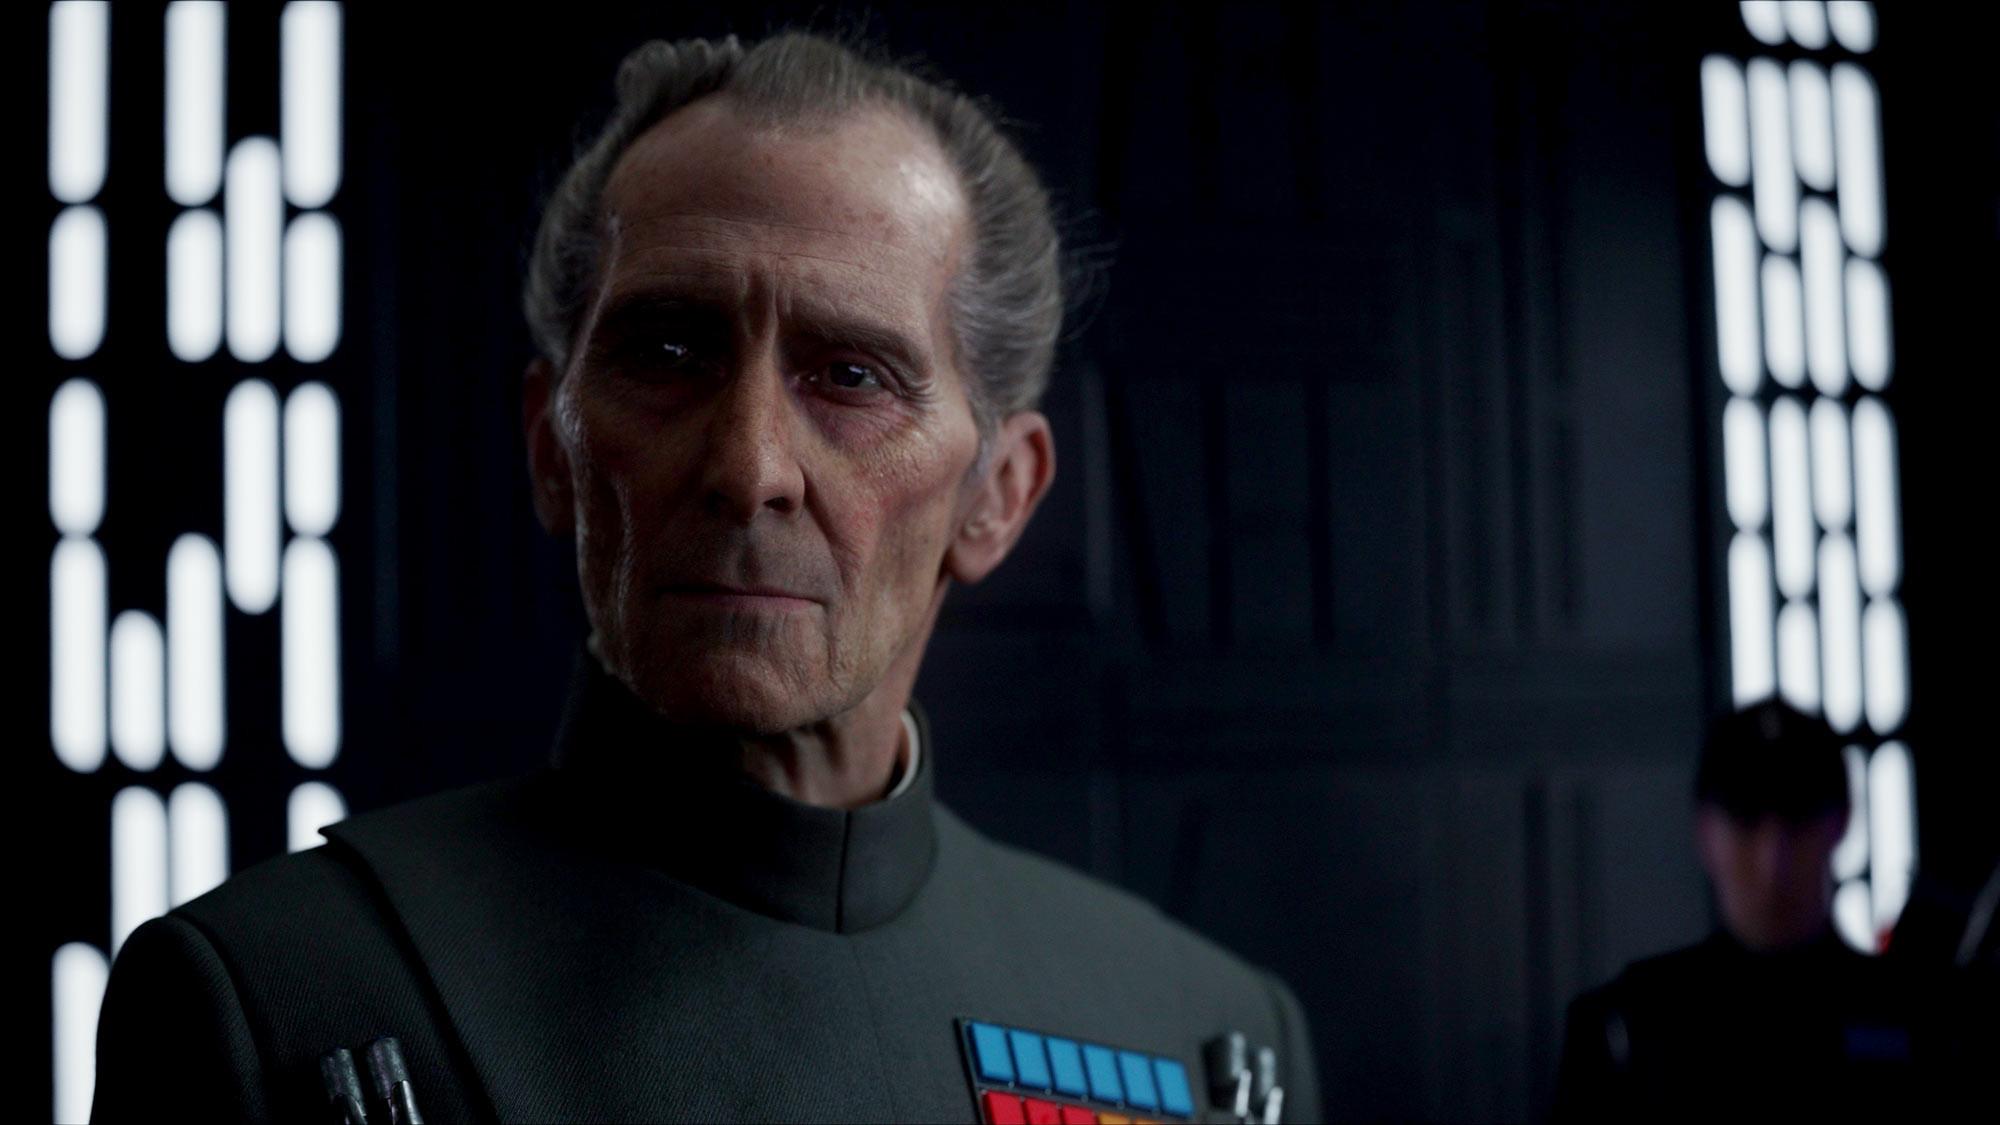 Звездные войны таркин актер наруто со всеми персонажами